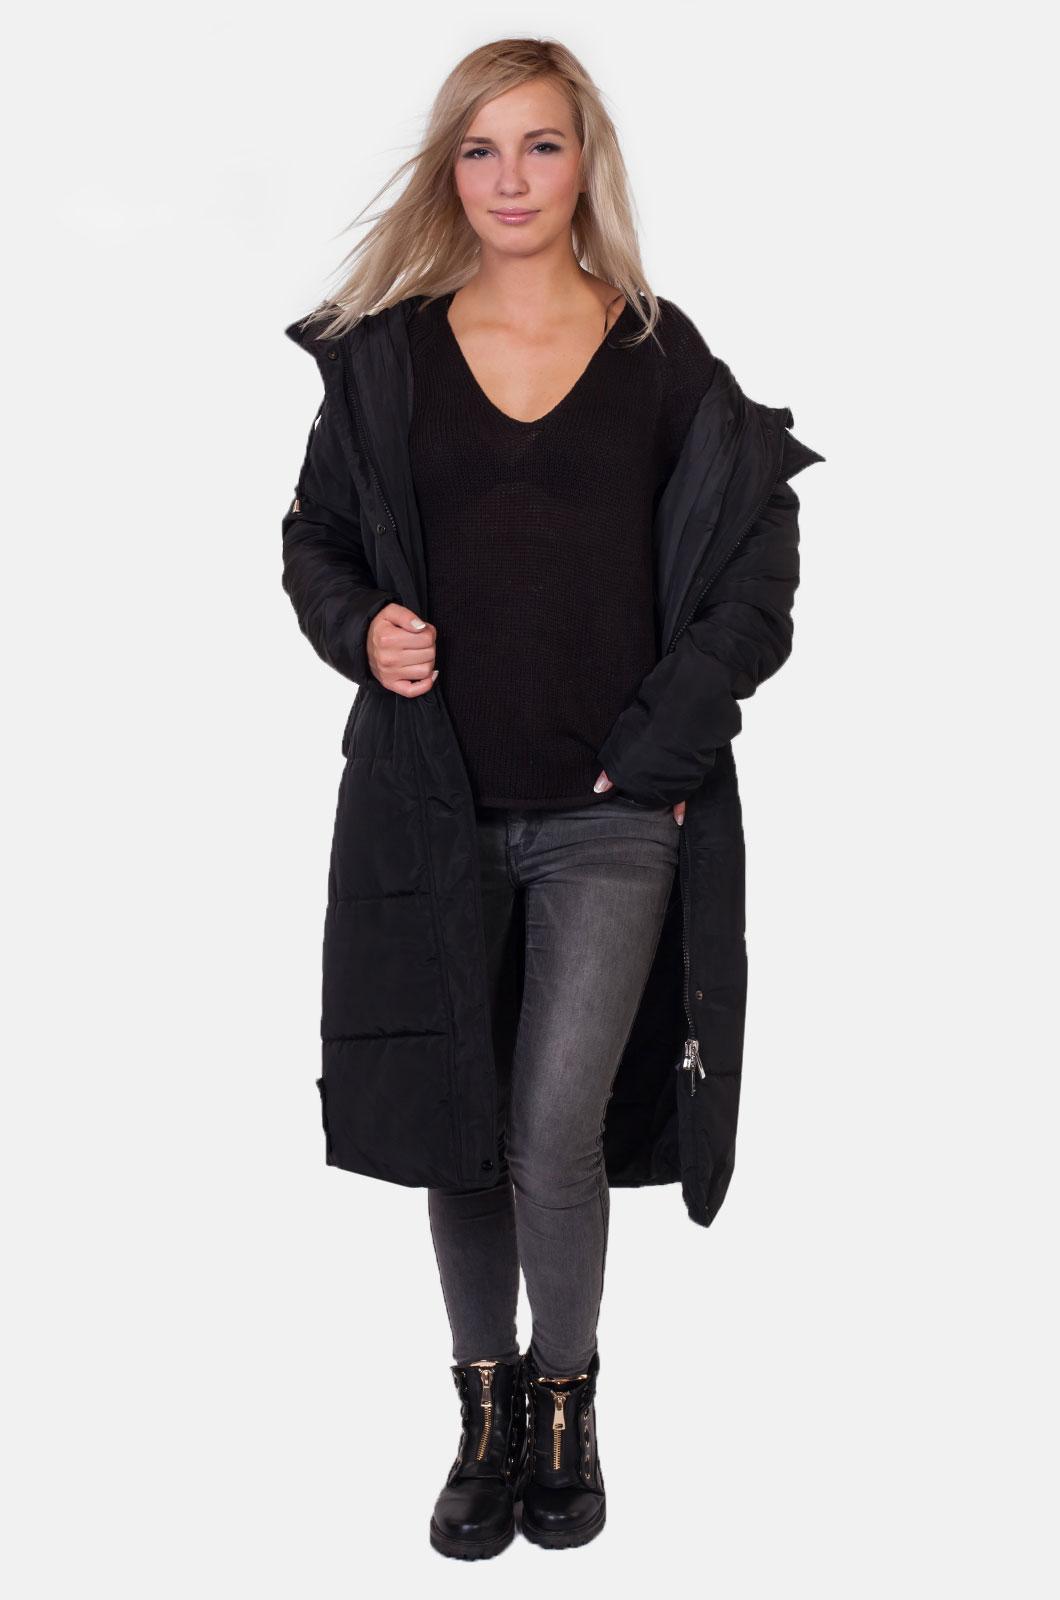 Стеганое женское пальто с капюшоном от Review (Австралия) купить в Военпро